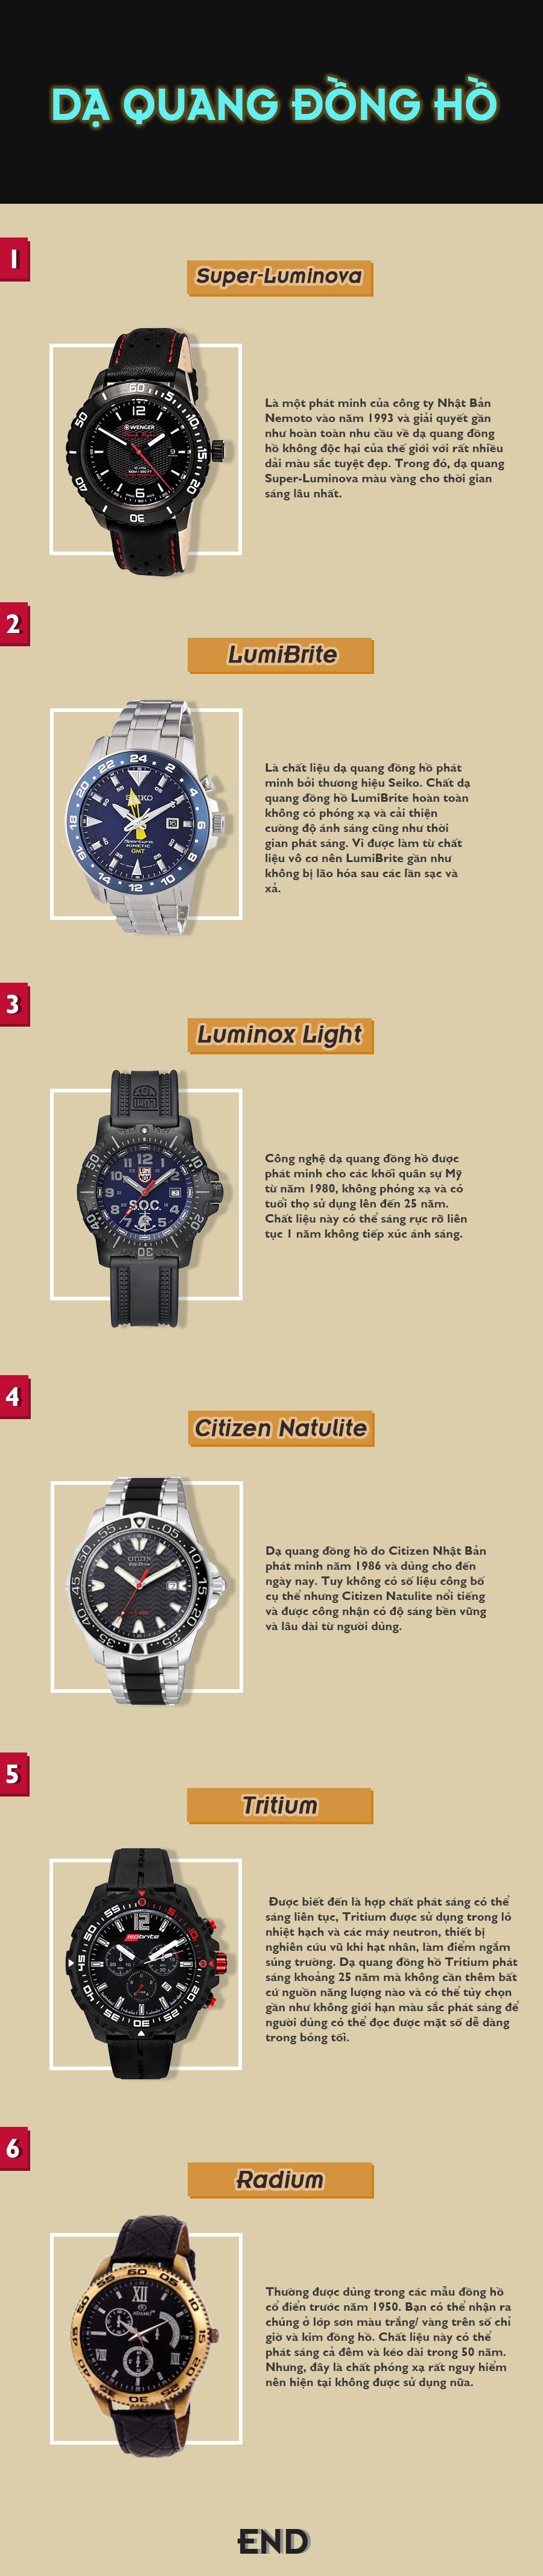 Dạ quang đồng hồ